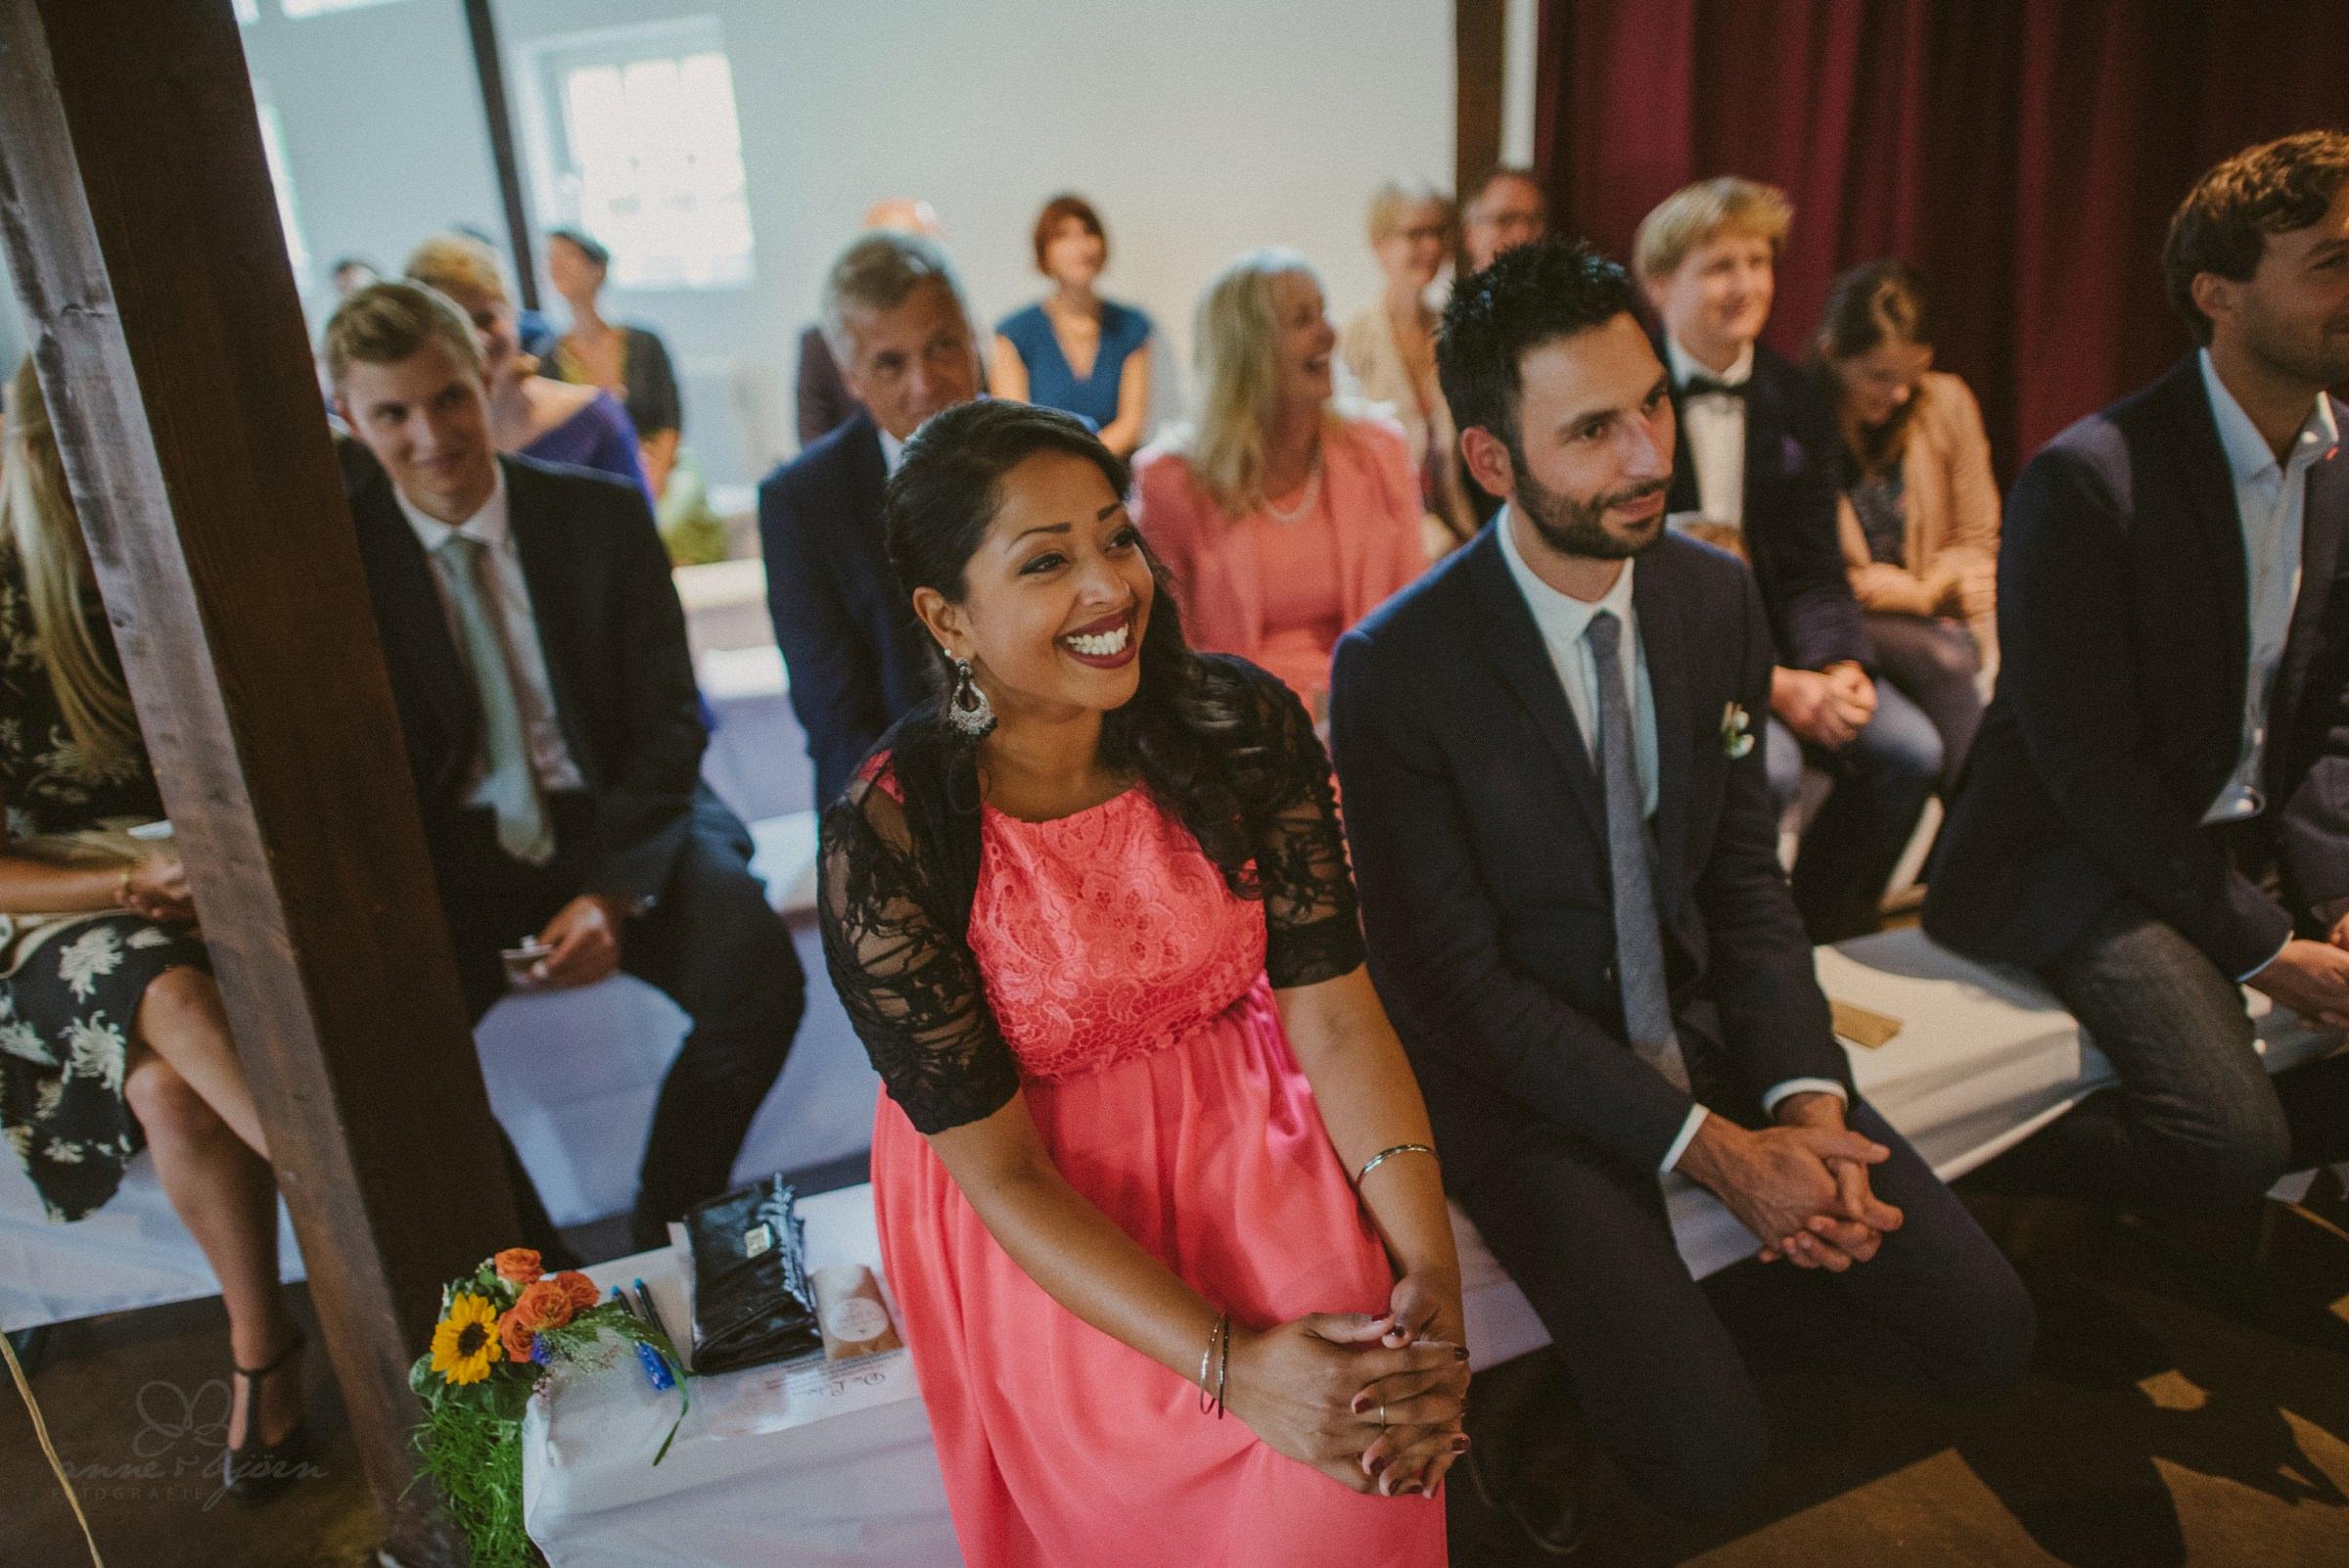 Gäste, Hochzeitsgäste, Freude